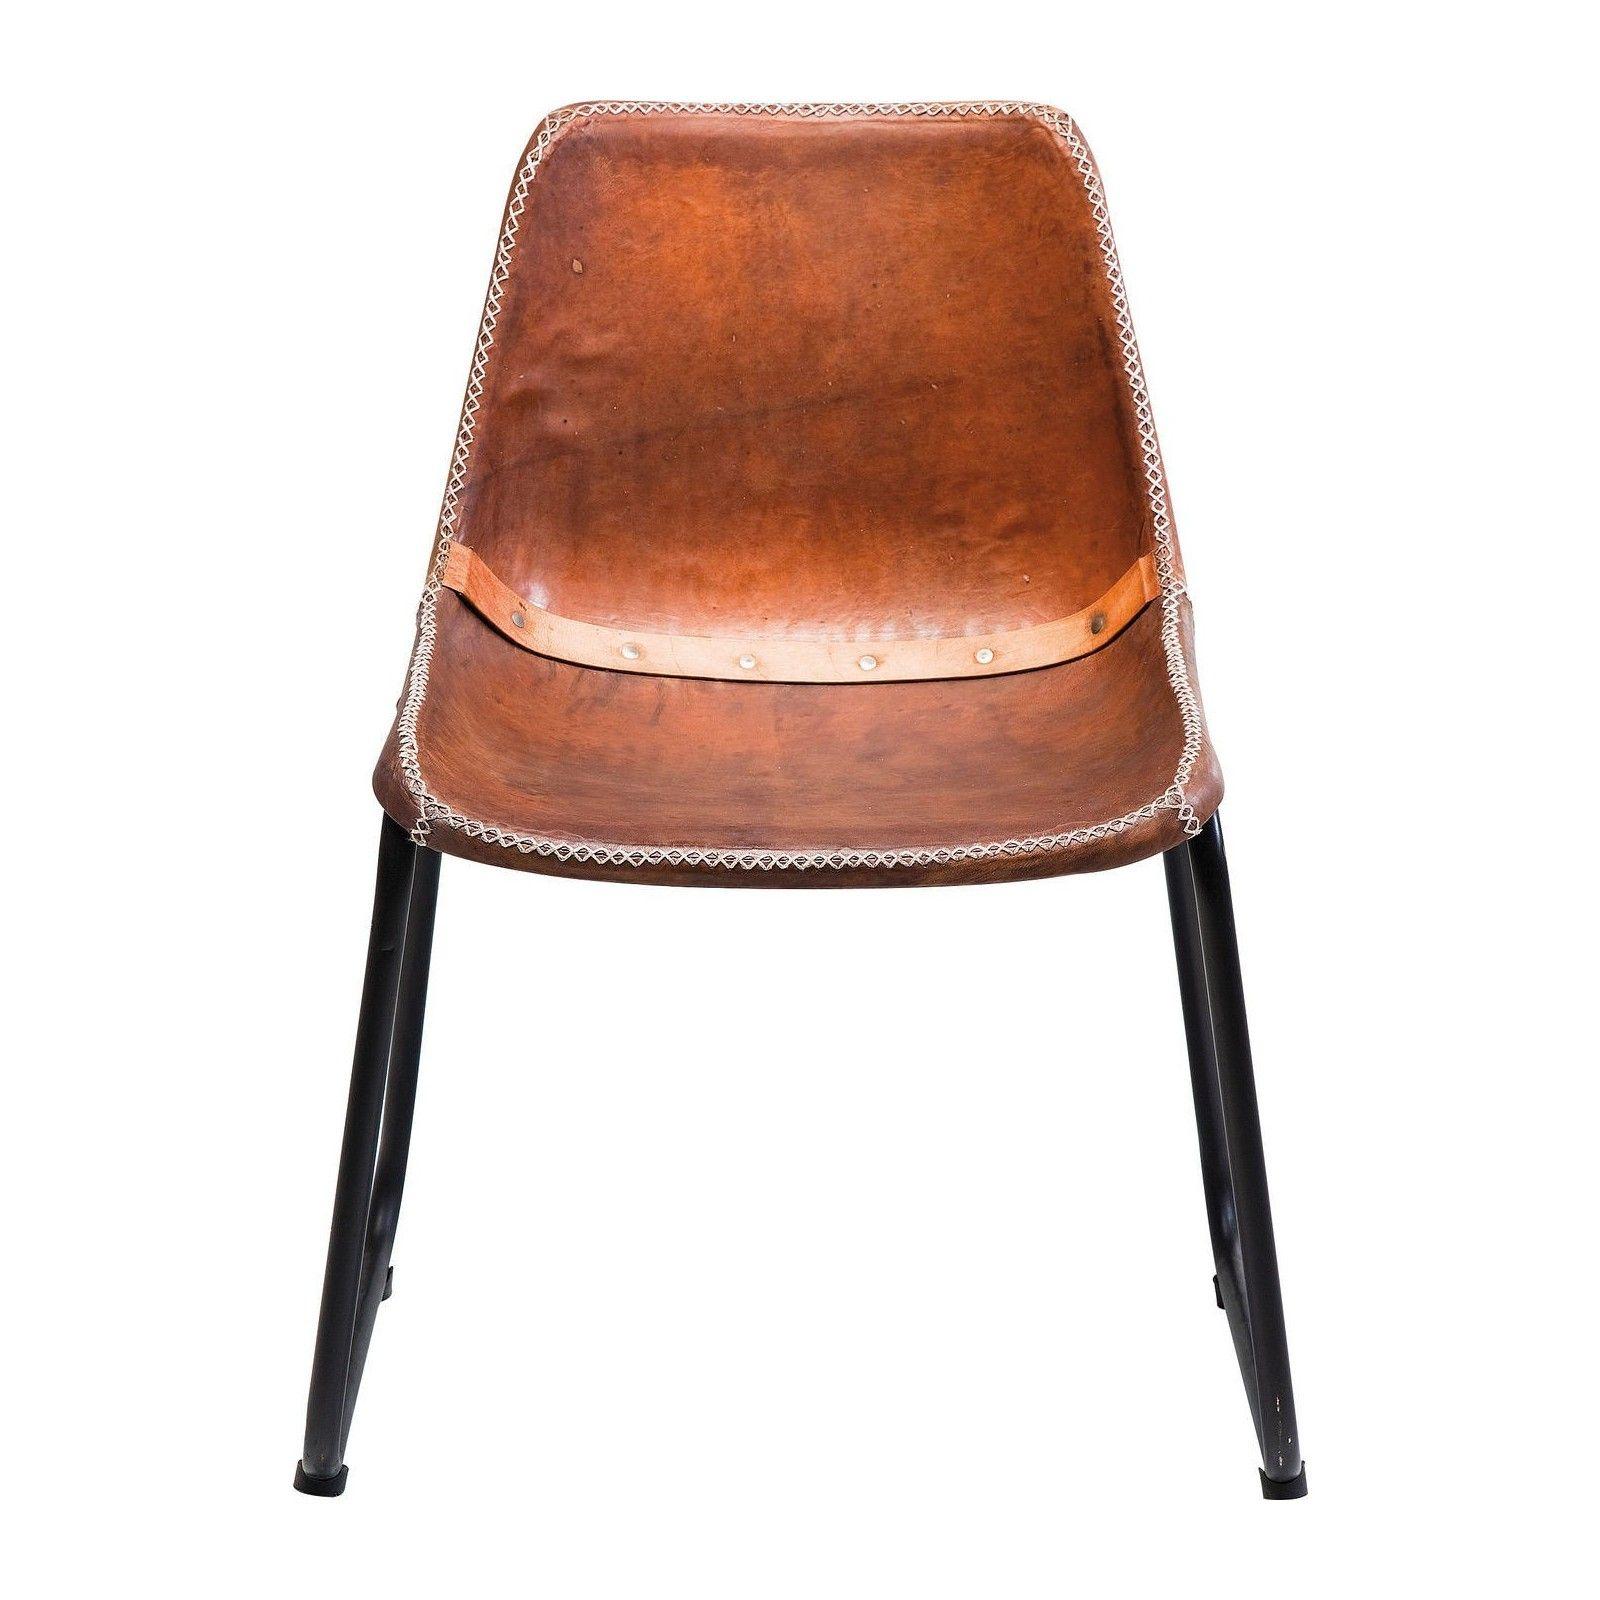 Chaise Vintage cuir marron Kare Design (avec images